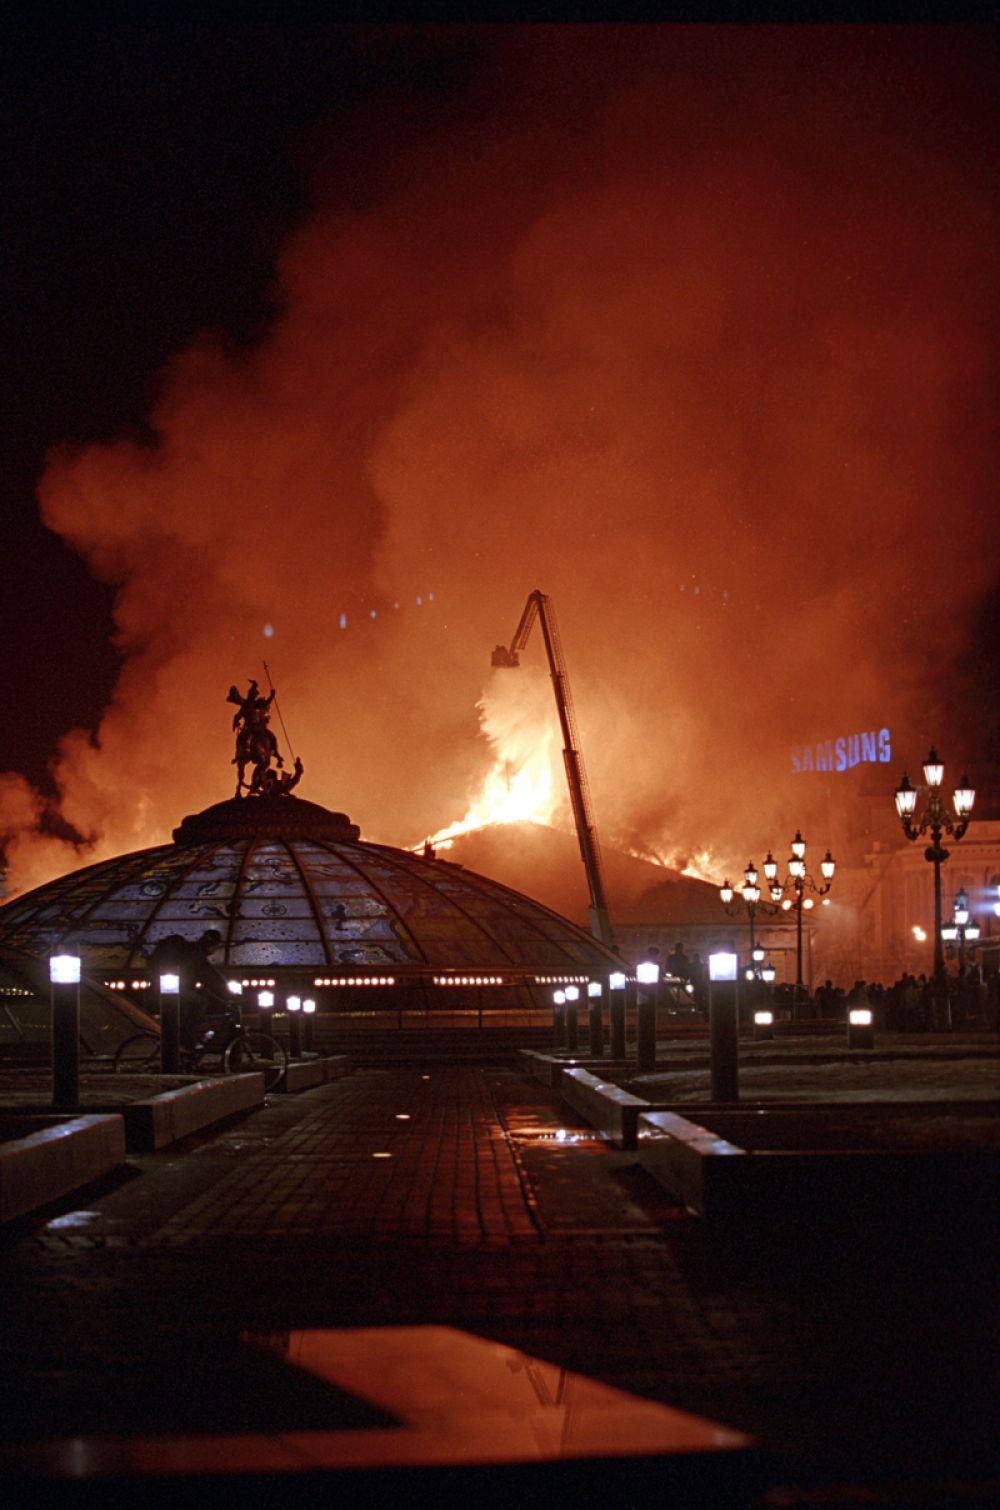 Мэр Москвы Юрий Лужков, также прибывший на место происшествия, заявил журналистам, что версия поджога исключается.